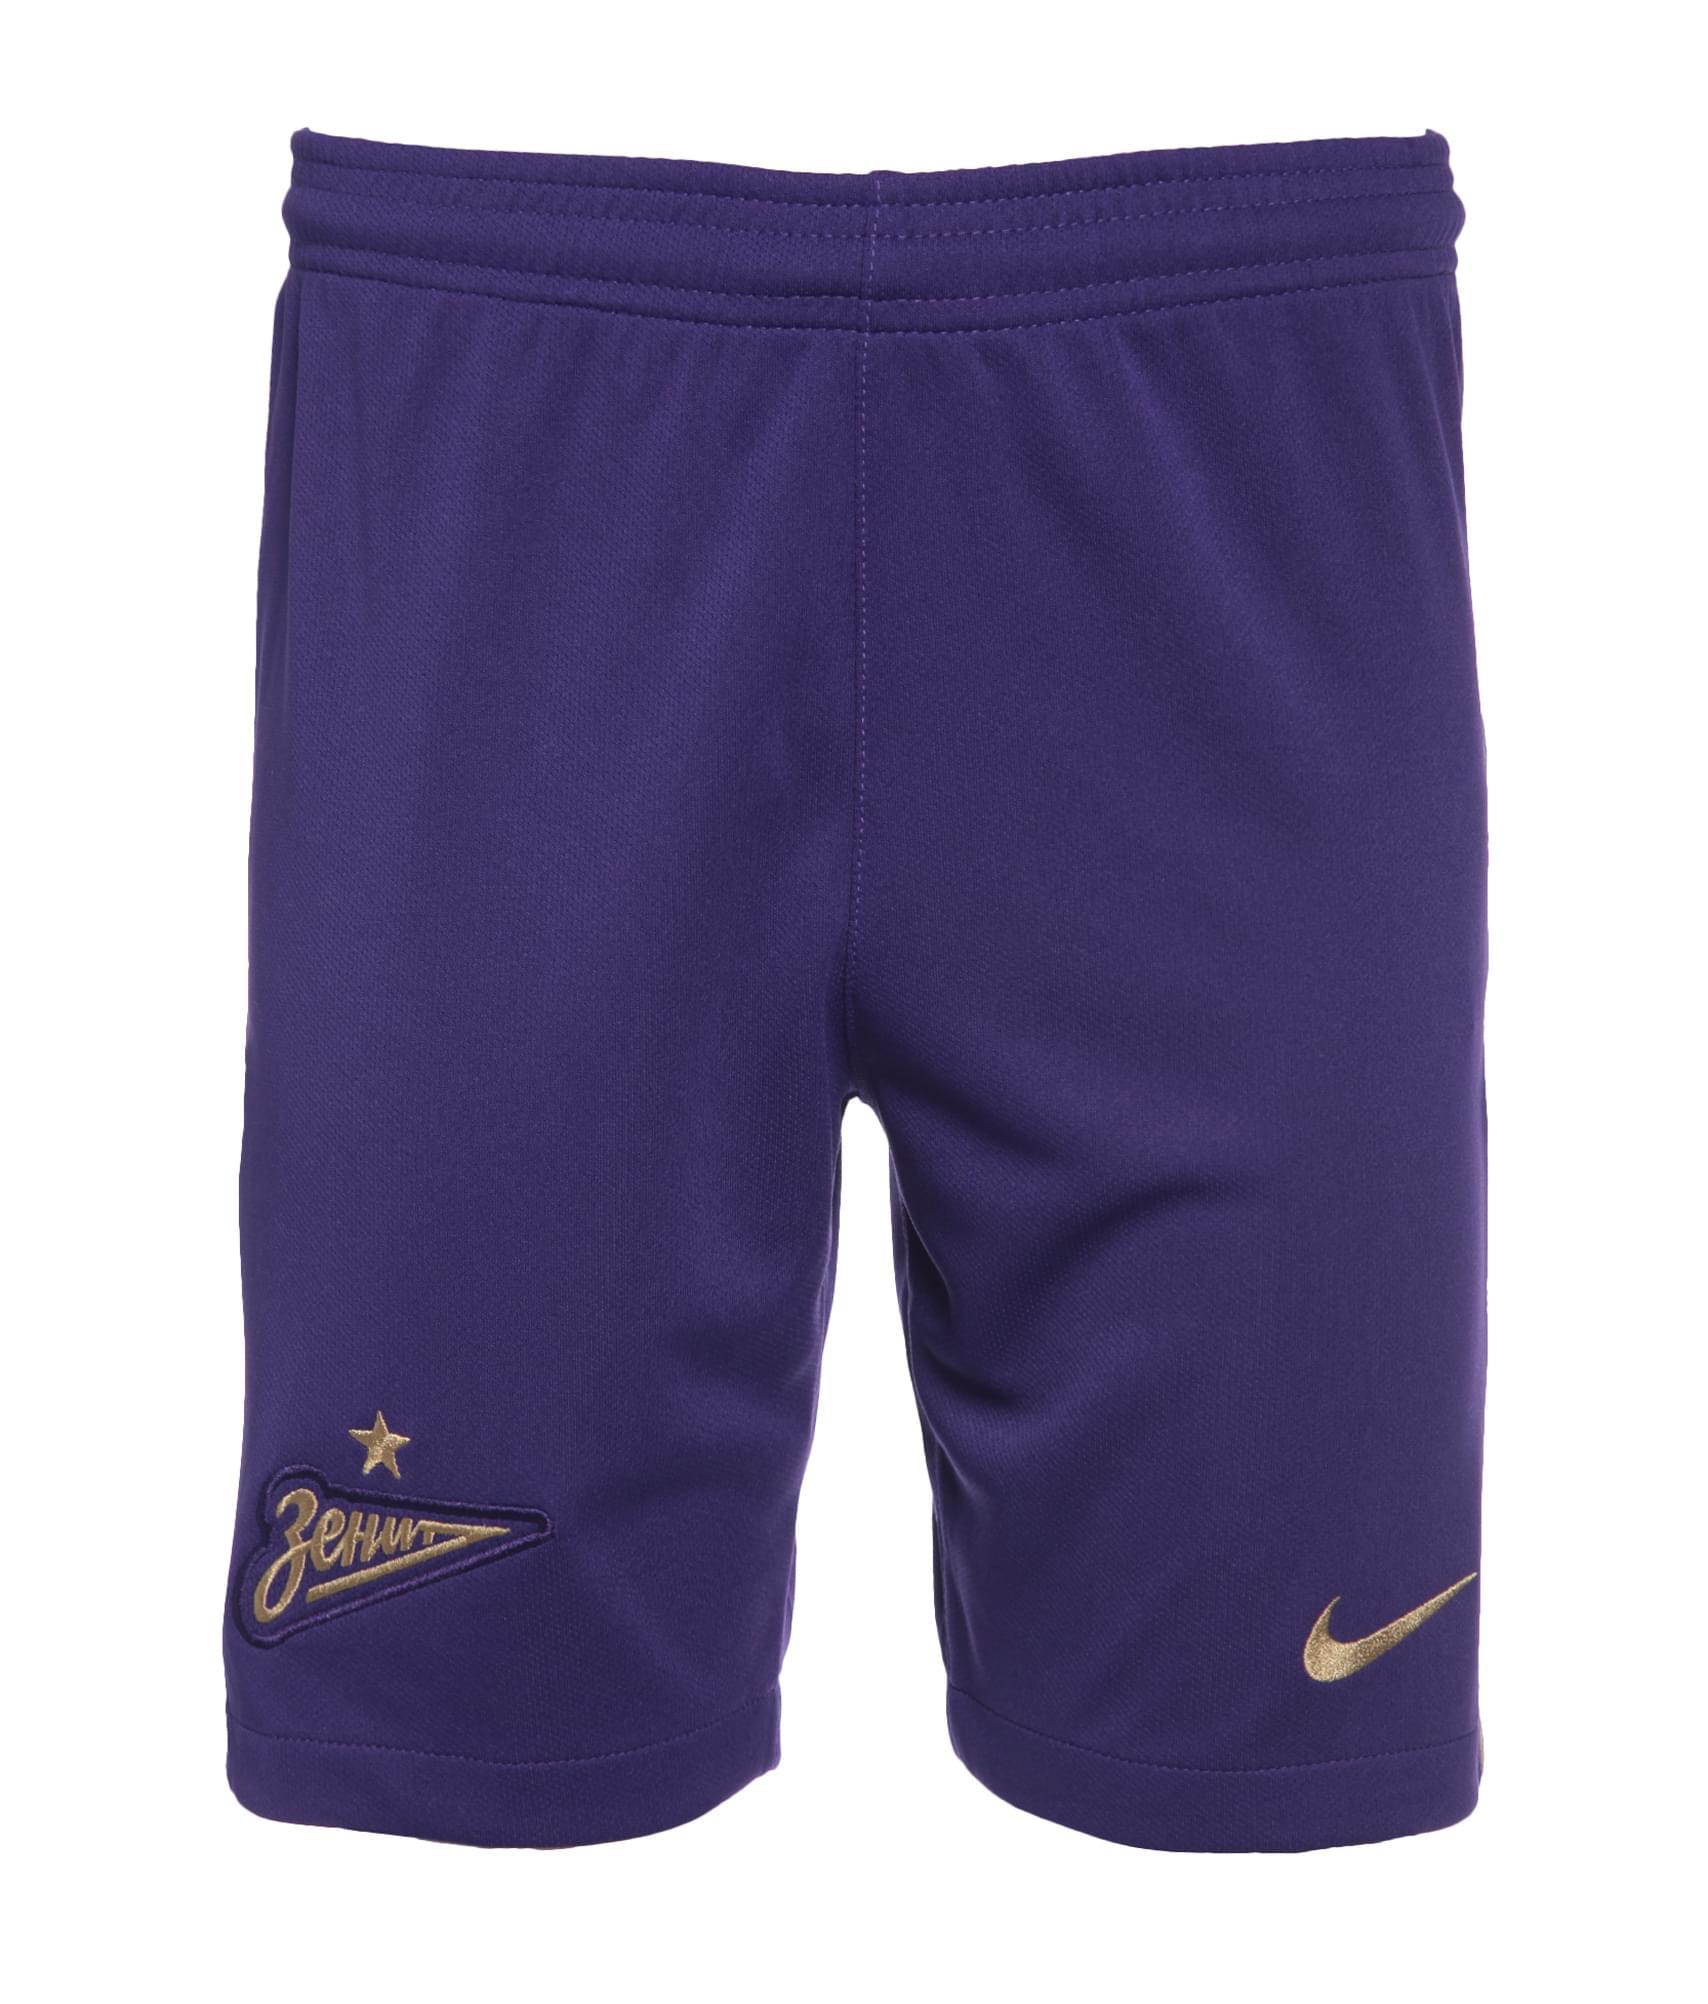 Шорты резервные игровые Nike сезона 2017/2018 Nike Цвет-Фиолетовый шорты mustang 1005668 5000 883